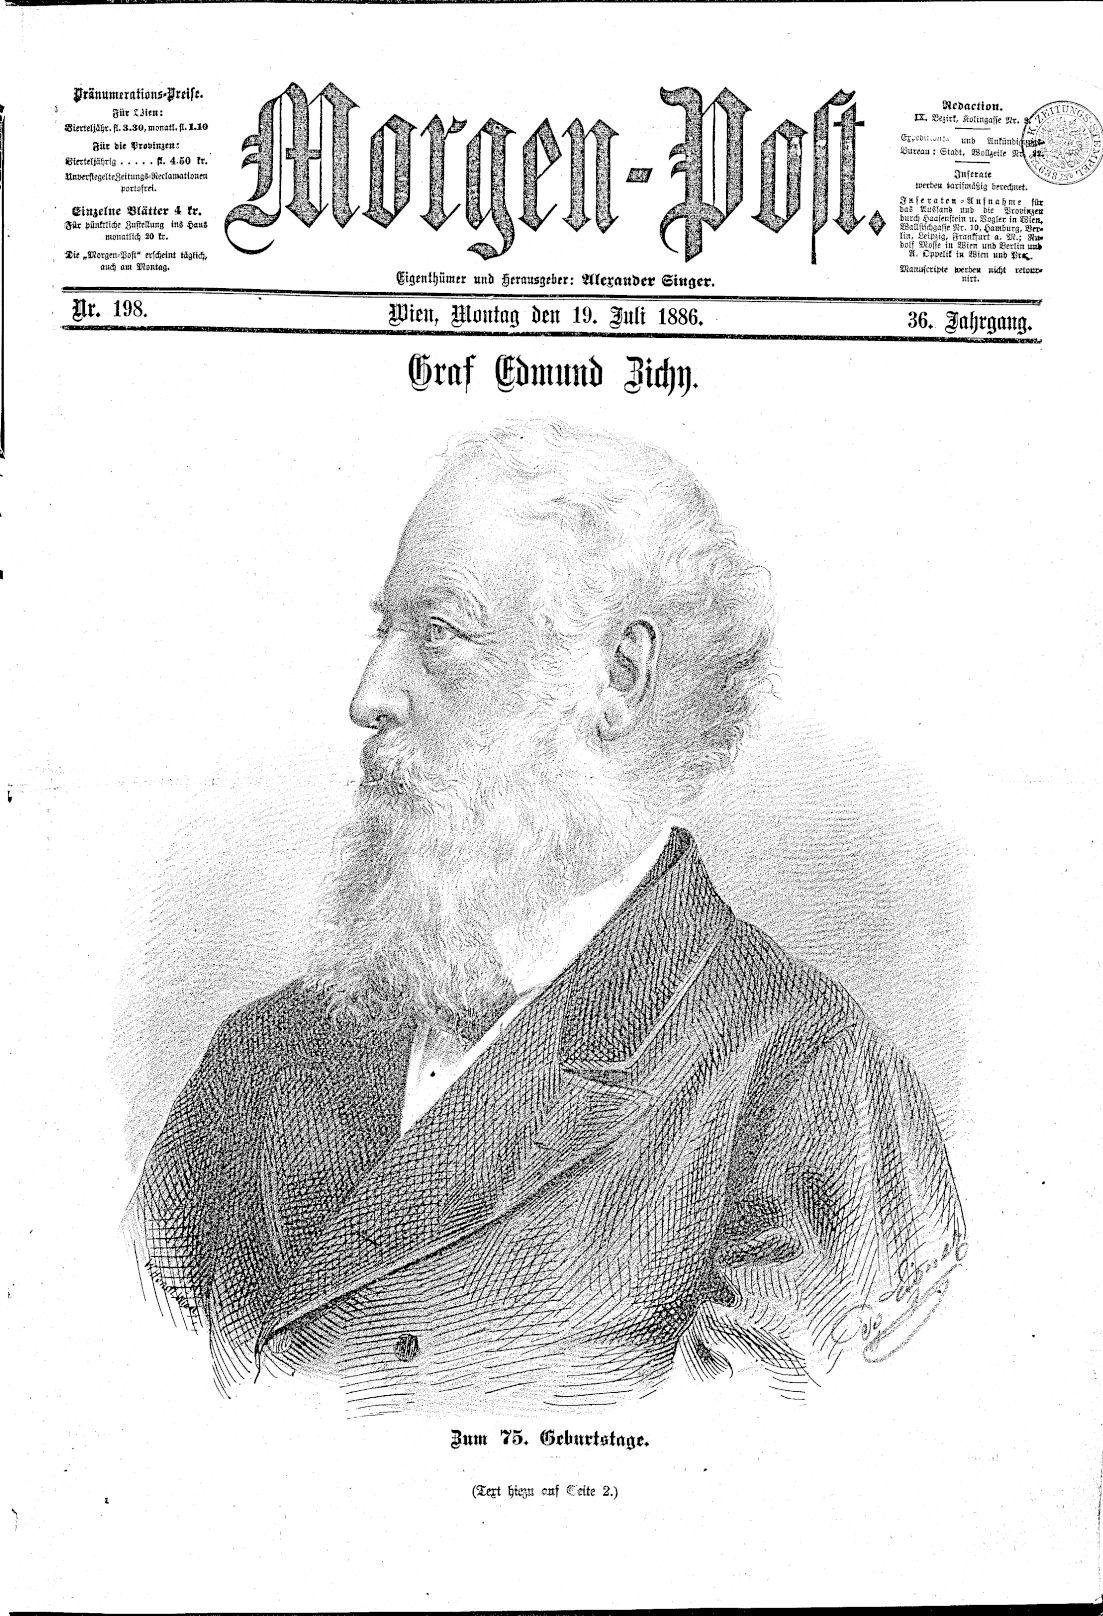 zichy_edmund_1886.jpeg